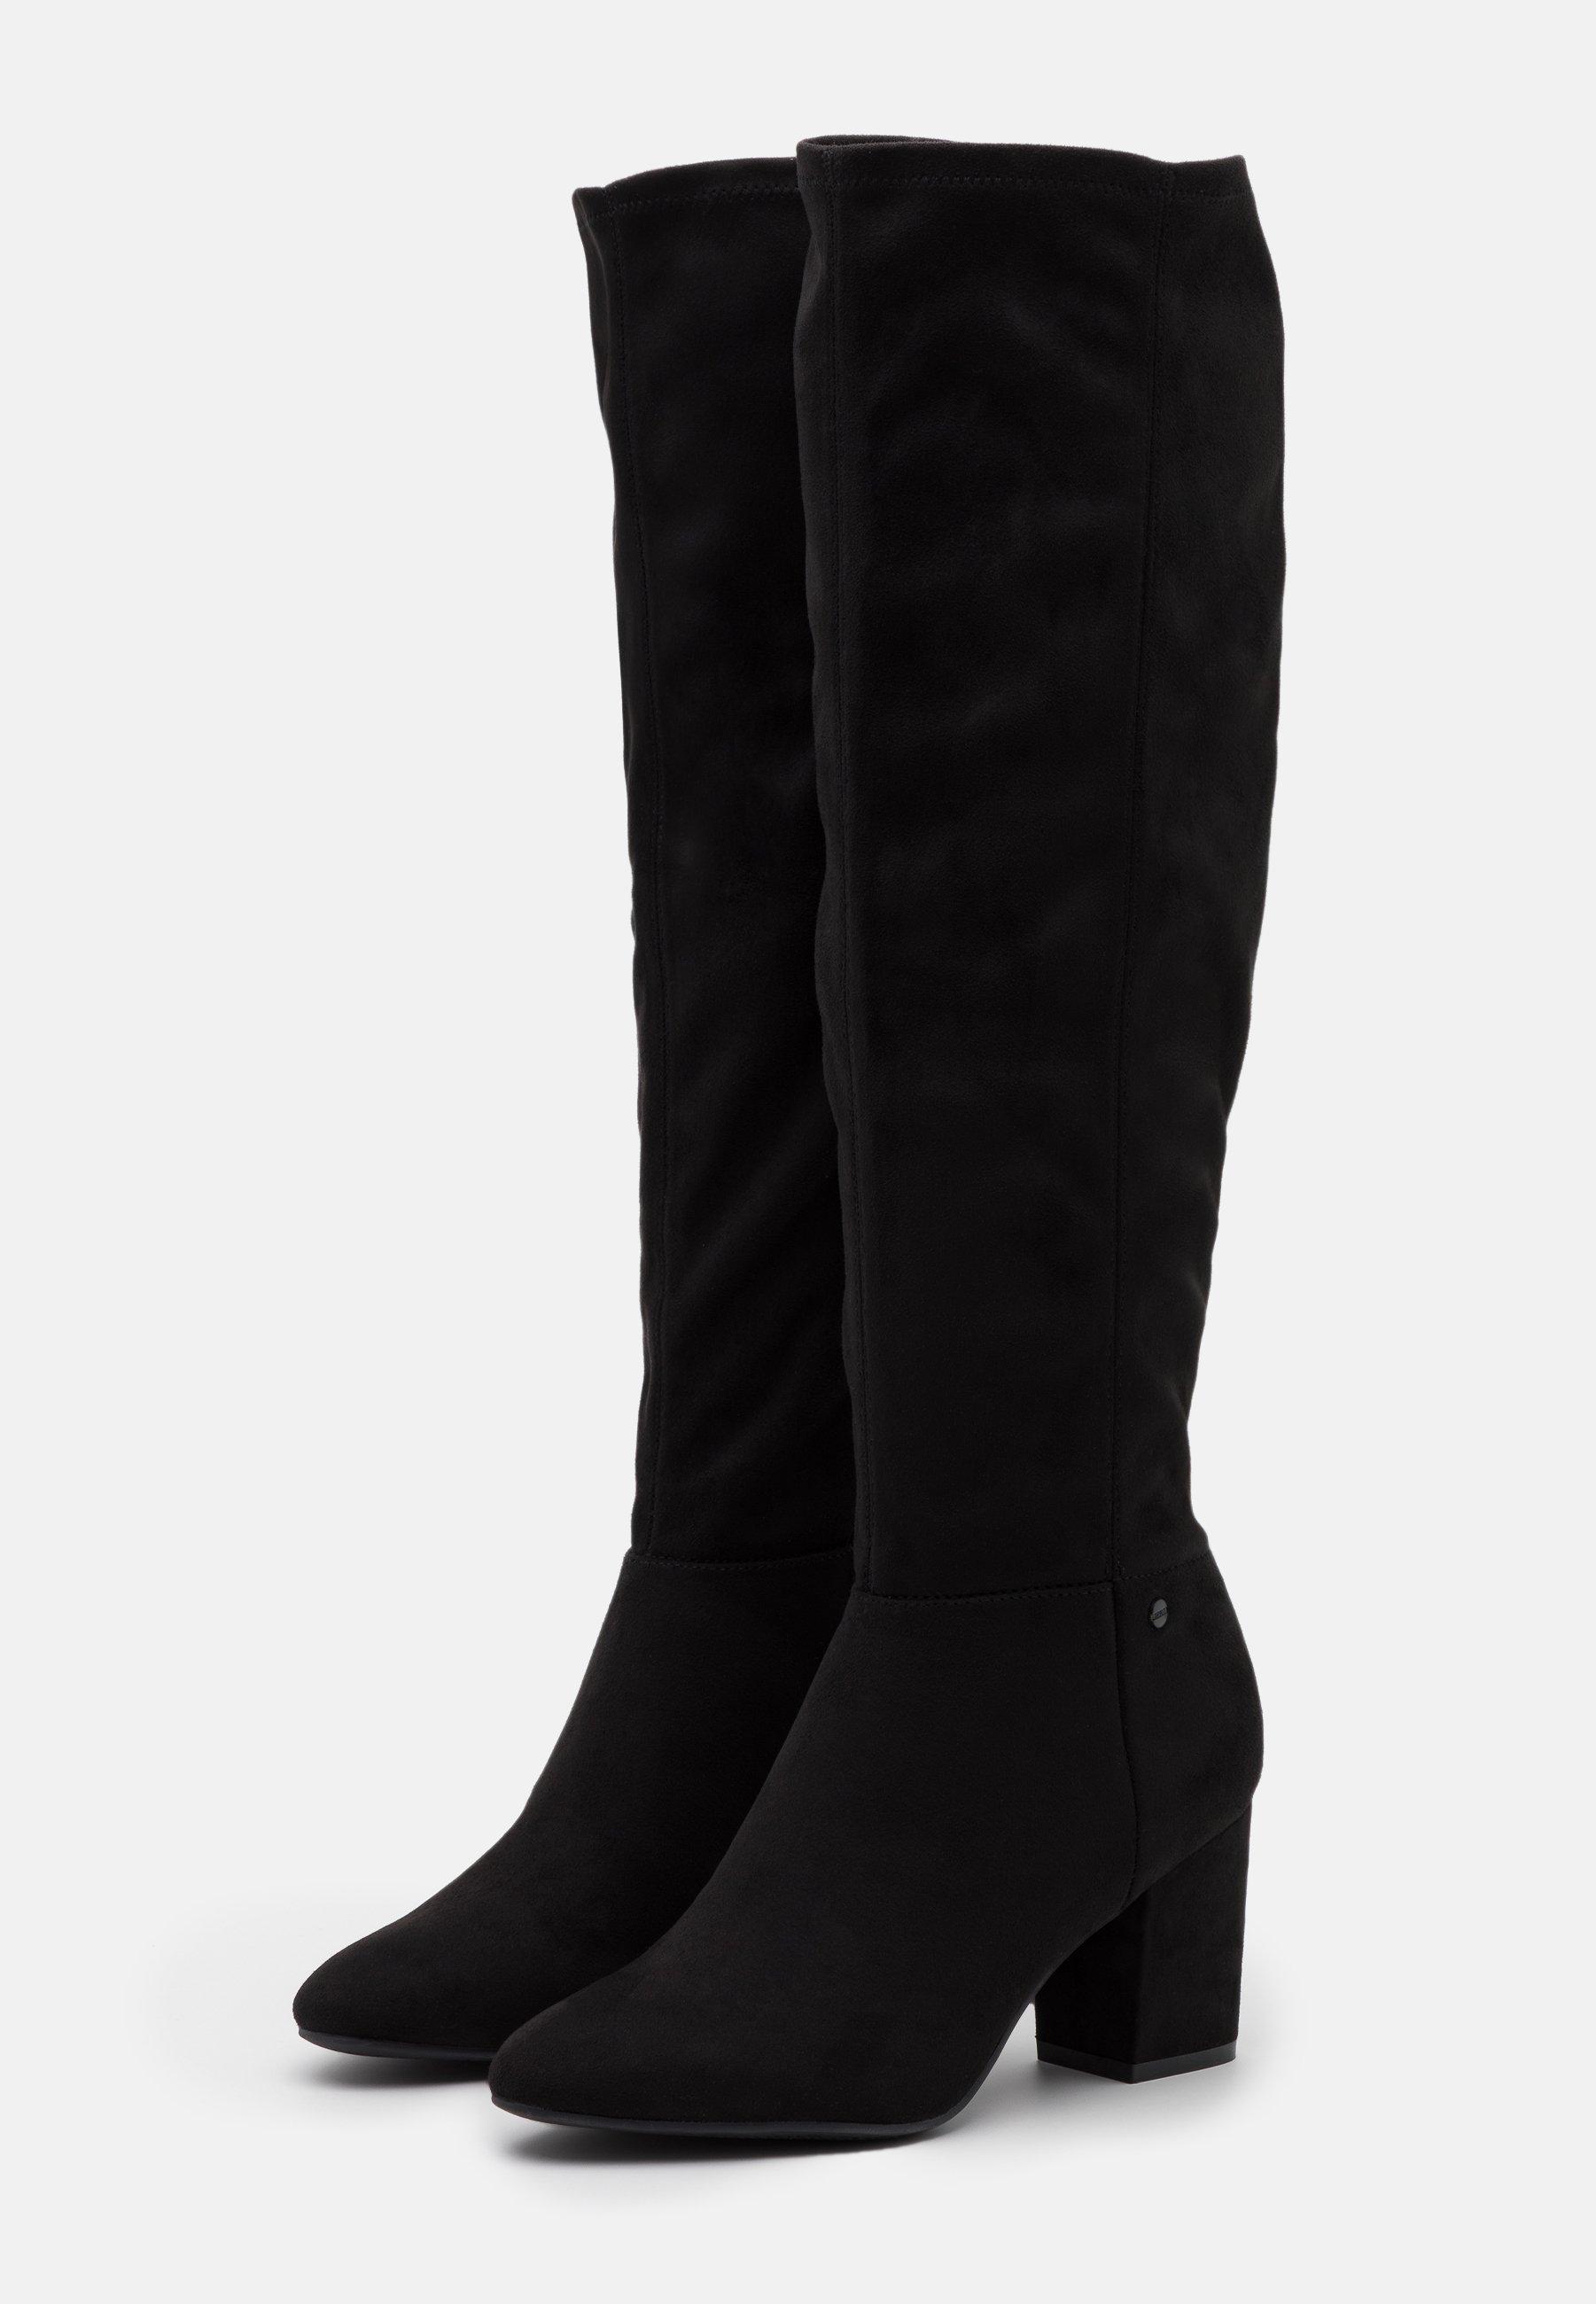 Esprit OXFORD BOOT Stiefel black/schwarz